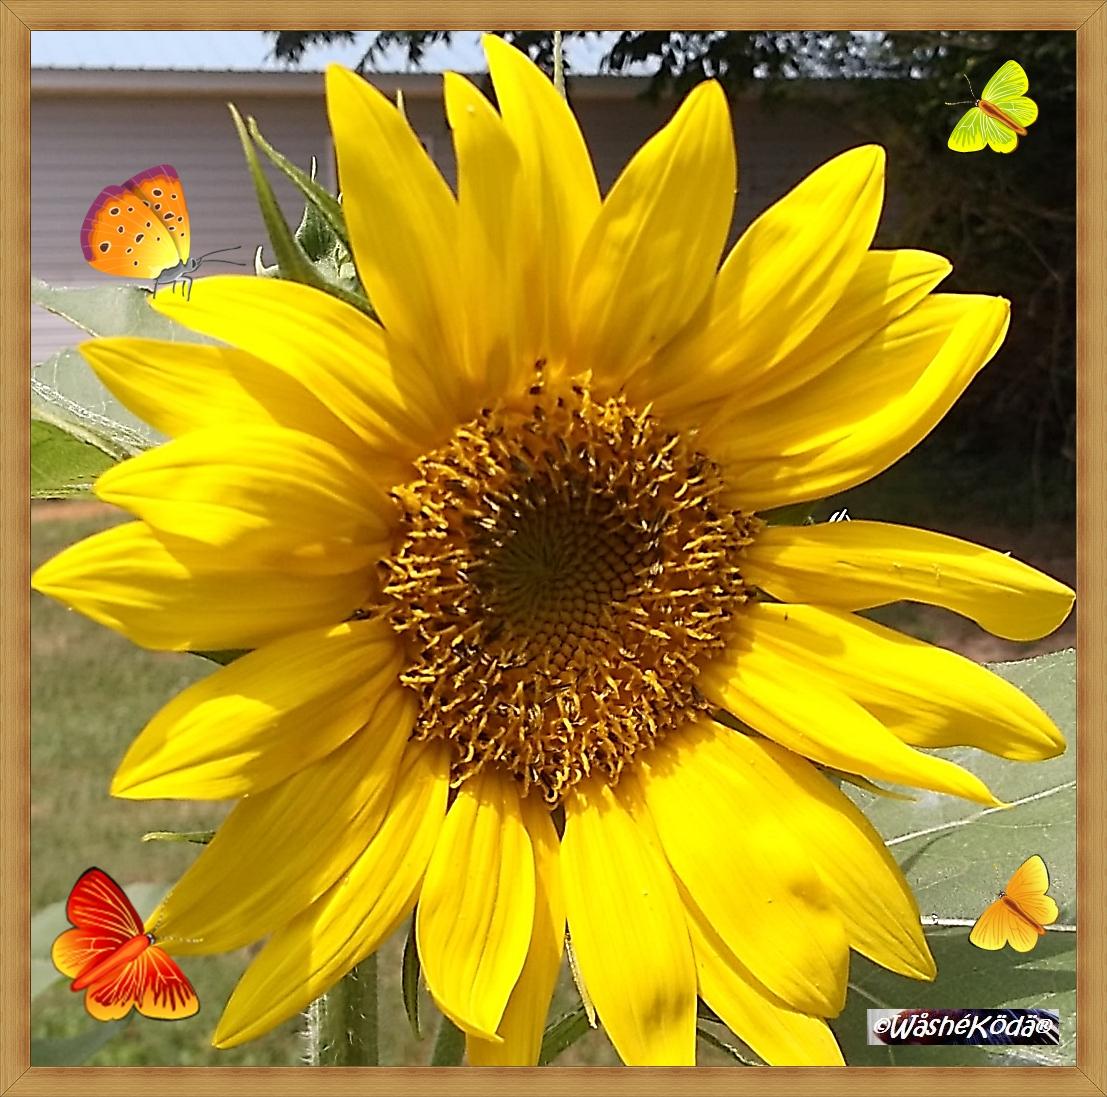 sunflower 12aug19 002-crop